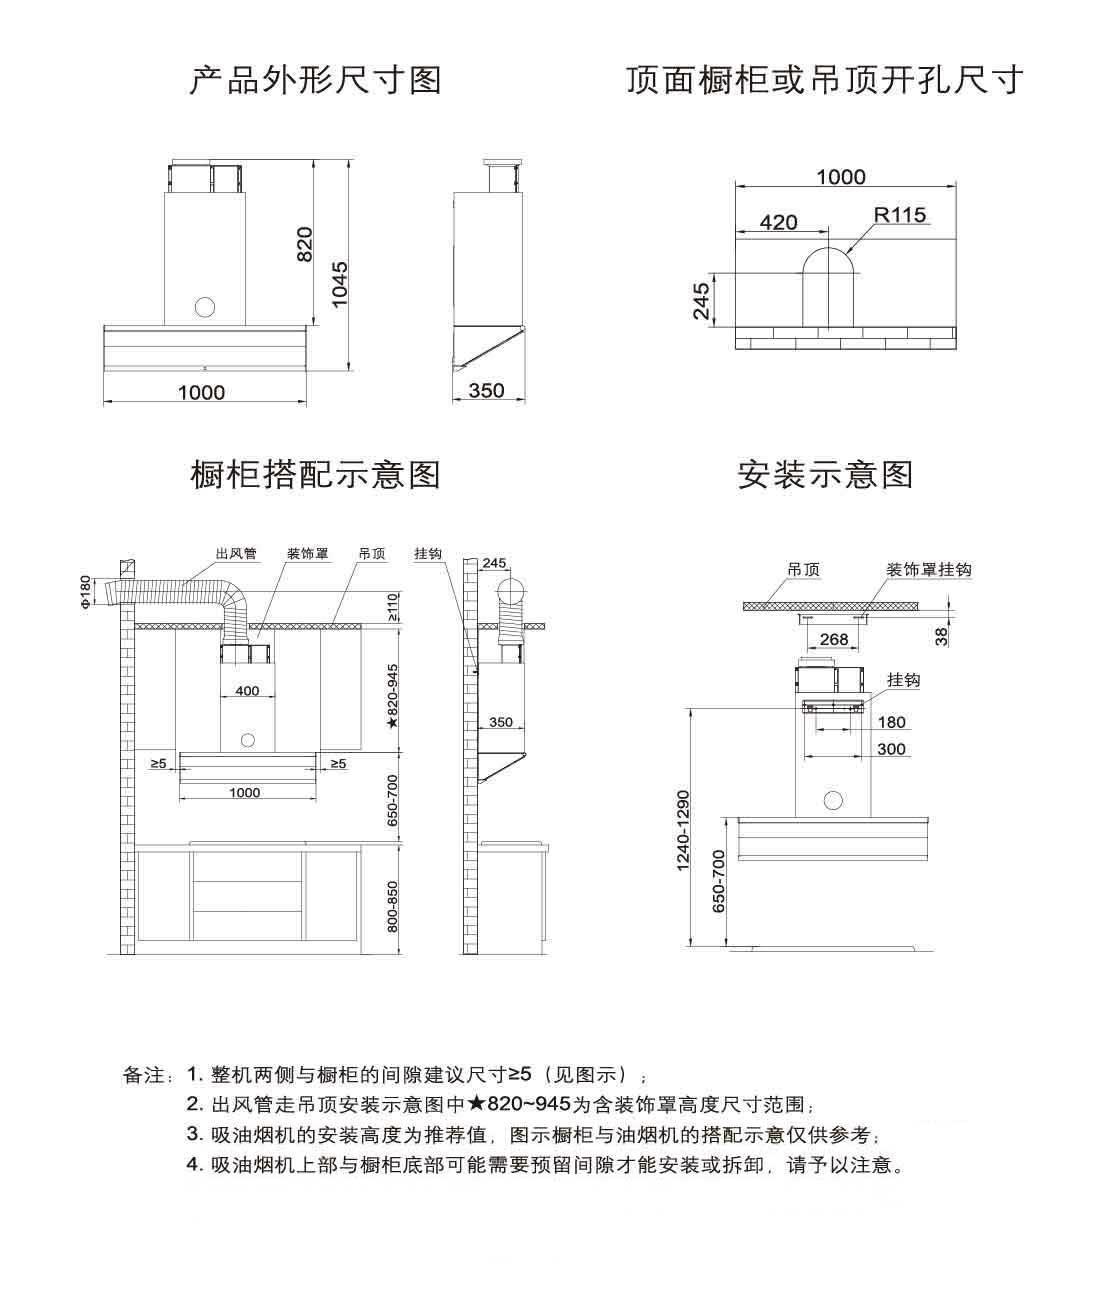 彩28彩票CXW-358-Z3T-H装置表示图